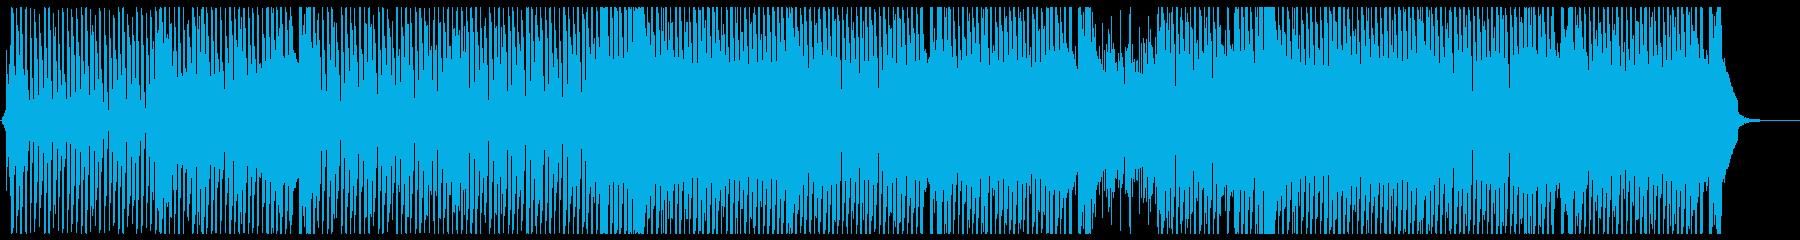 可愛らしいダンスポップ5 歌無しの再生済みの波形